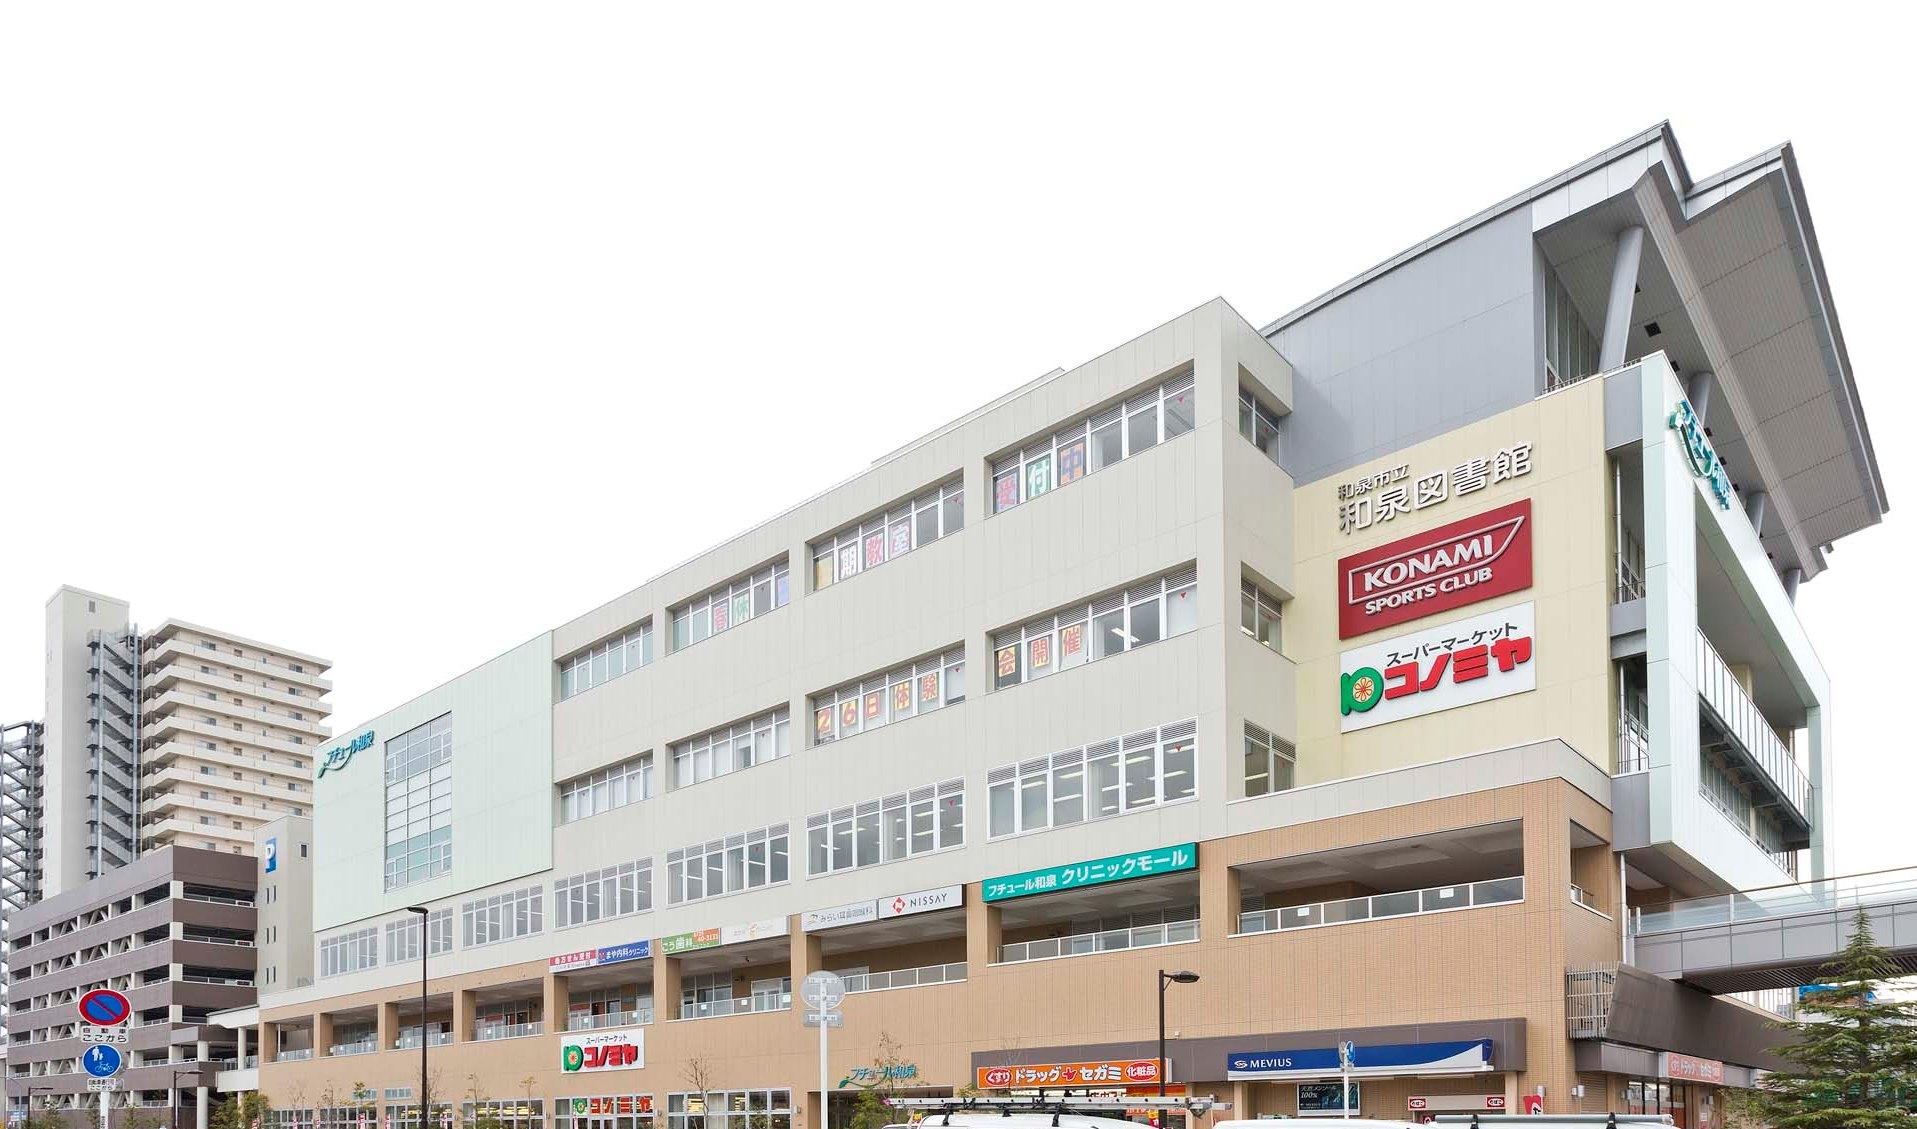 和泉 中央 コナミ スポーツ クラブ